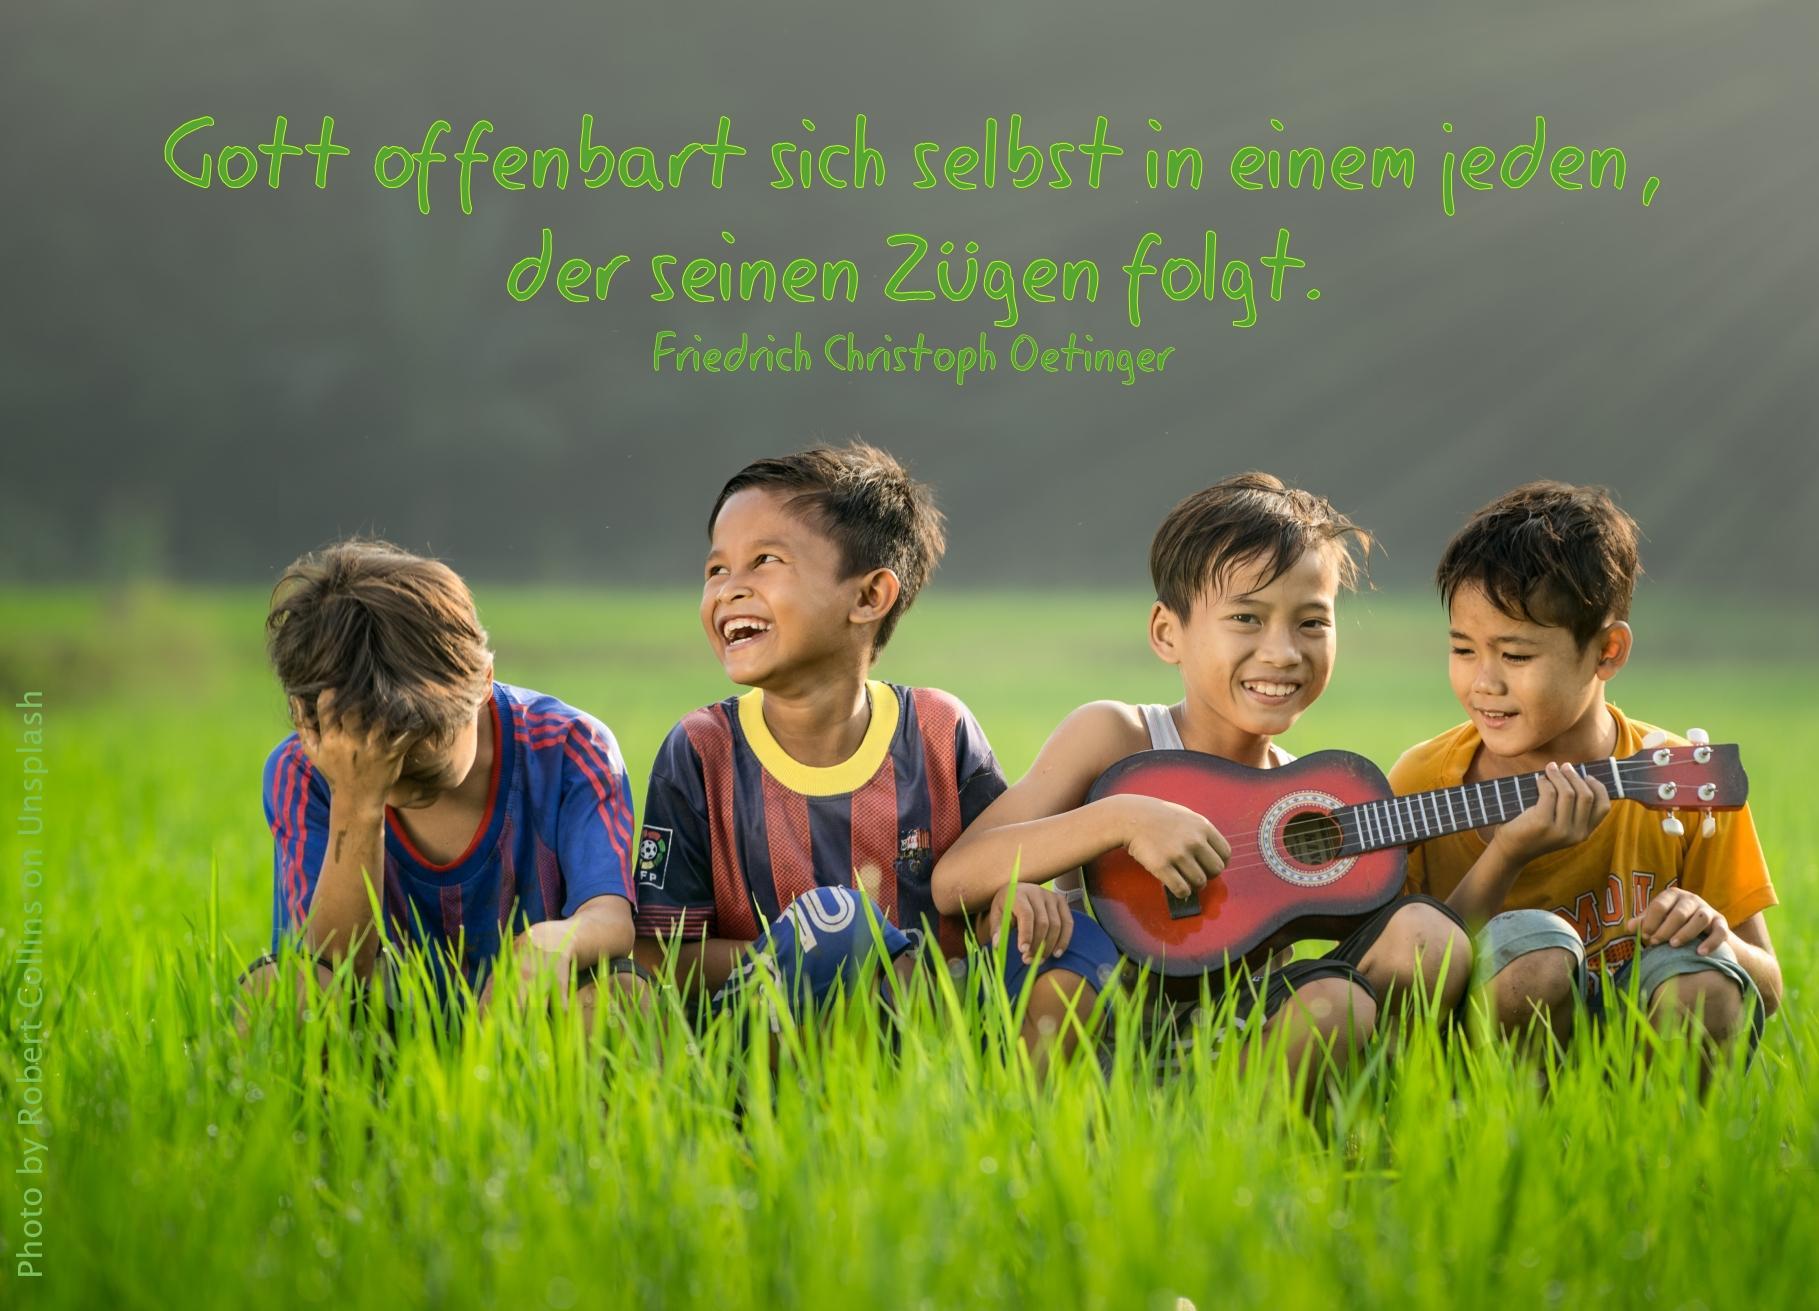 4 lachende Kinder im Gras mit kleiner Gitarre